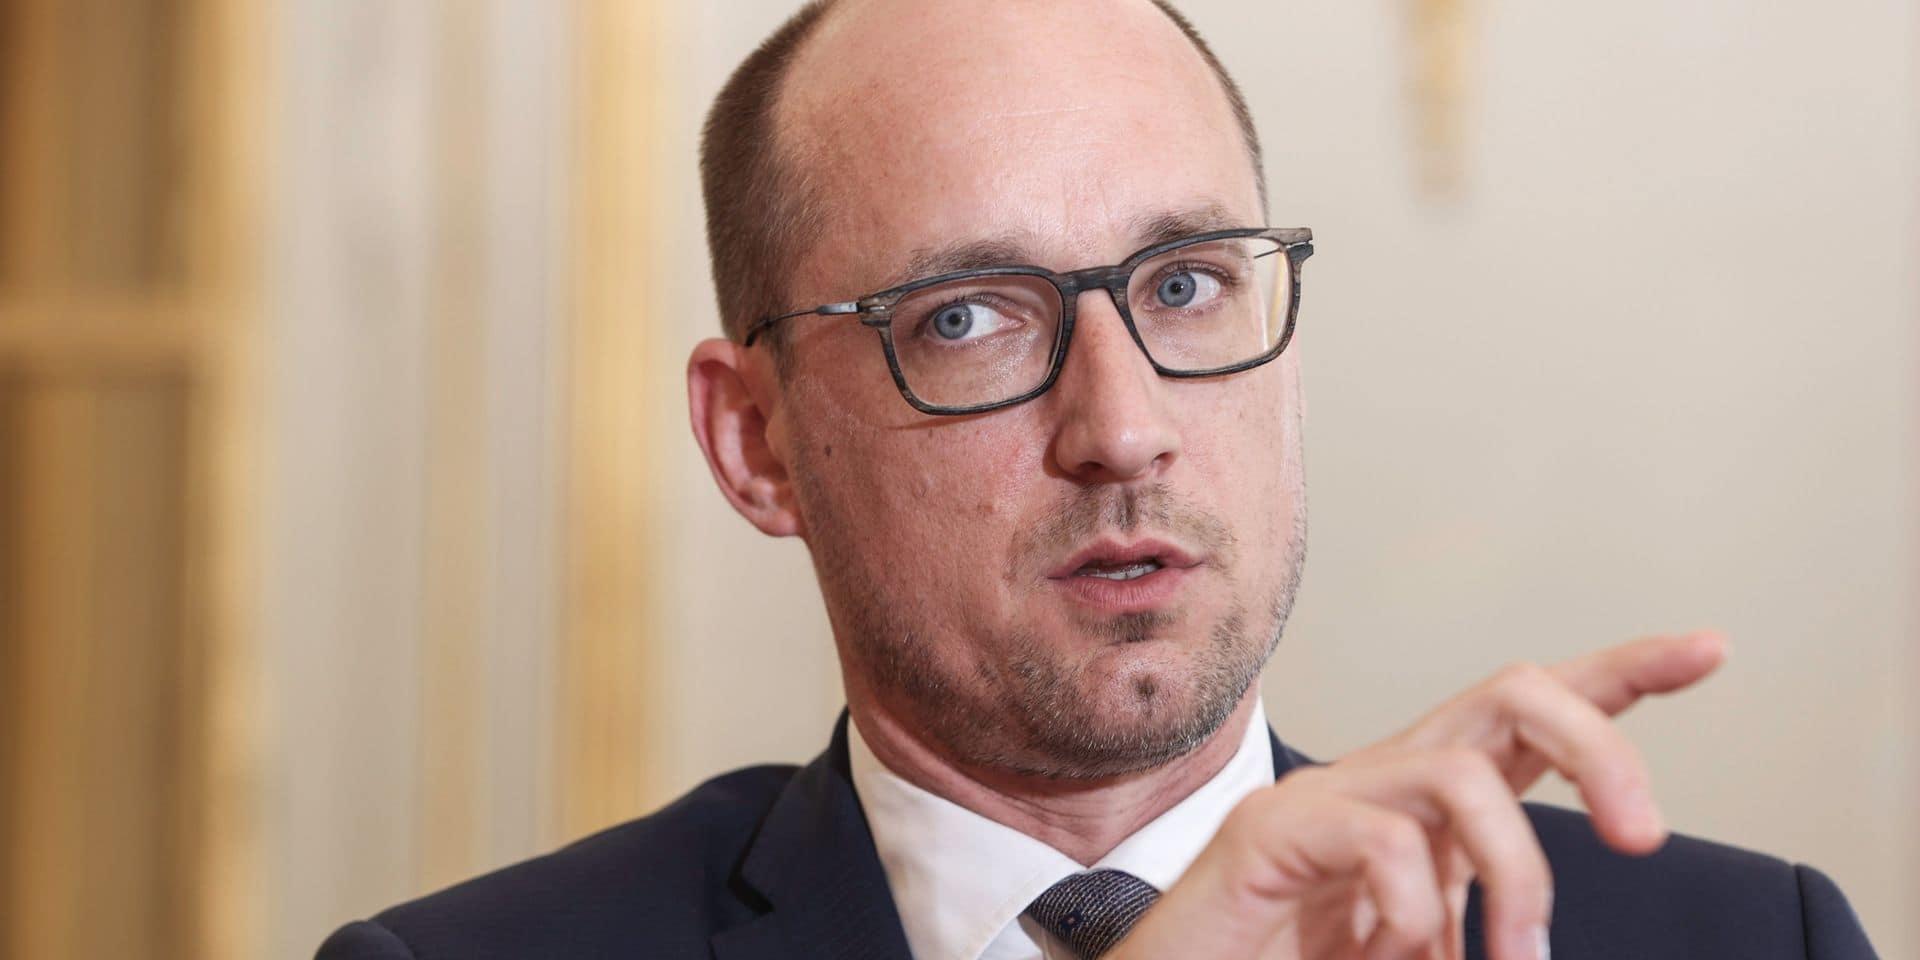 """La TVA sur l'électricité ne sera pas réduite, prévient le ministre des Finances: """"Une mesure très générale et qui n'apporte qu'un sursis temporaire"""""""